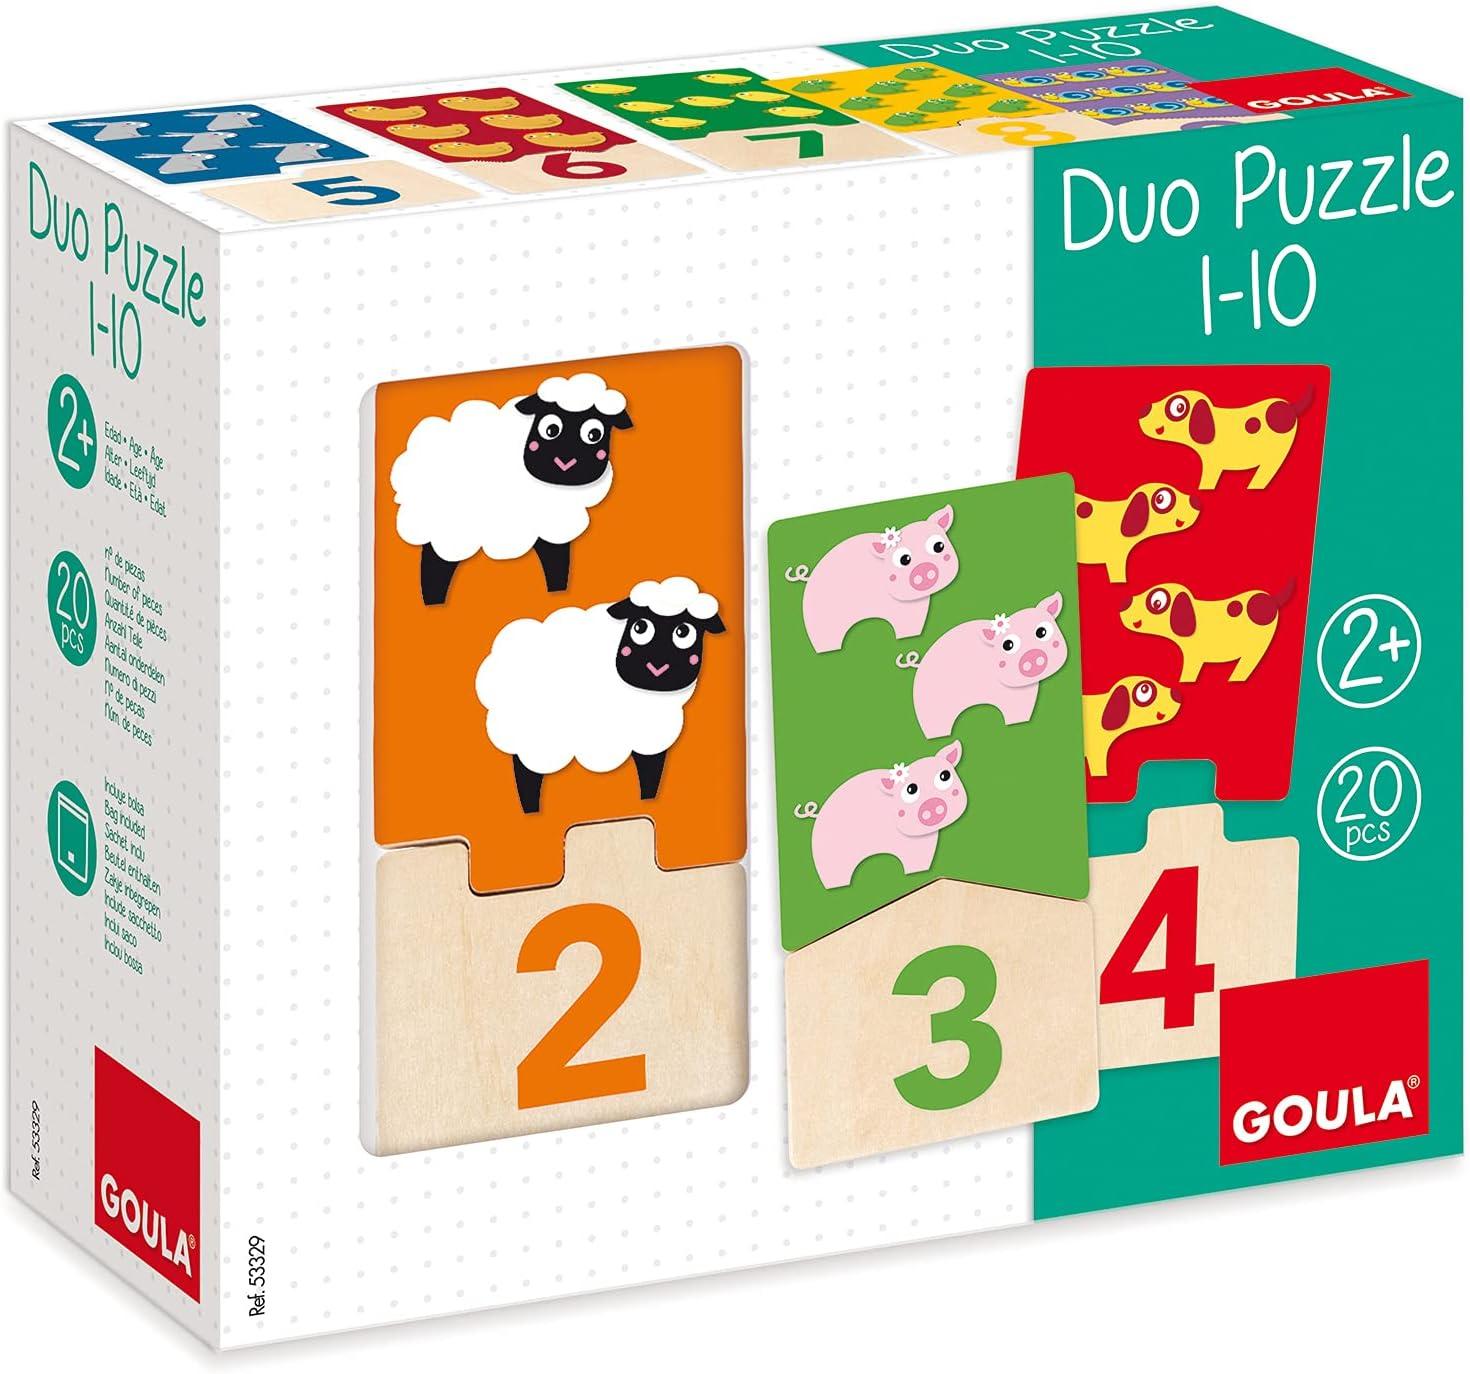 Goula - Duo puzzle 1-10 - Puzzle de madera para aprender los números para niños a partir de 2 años